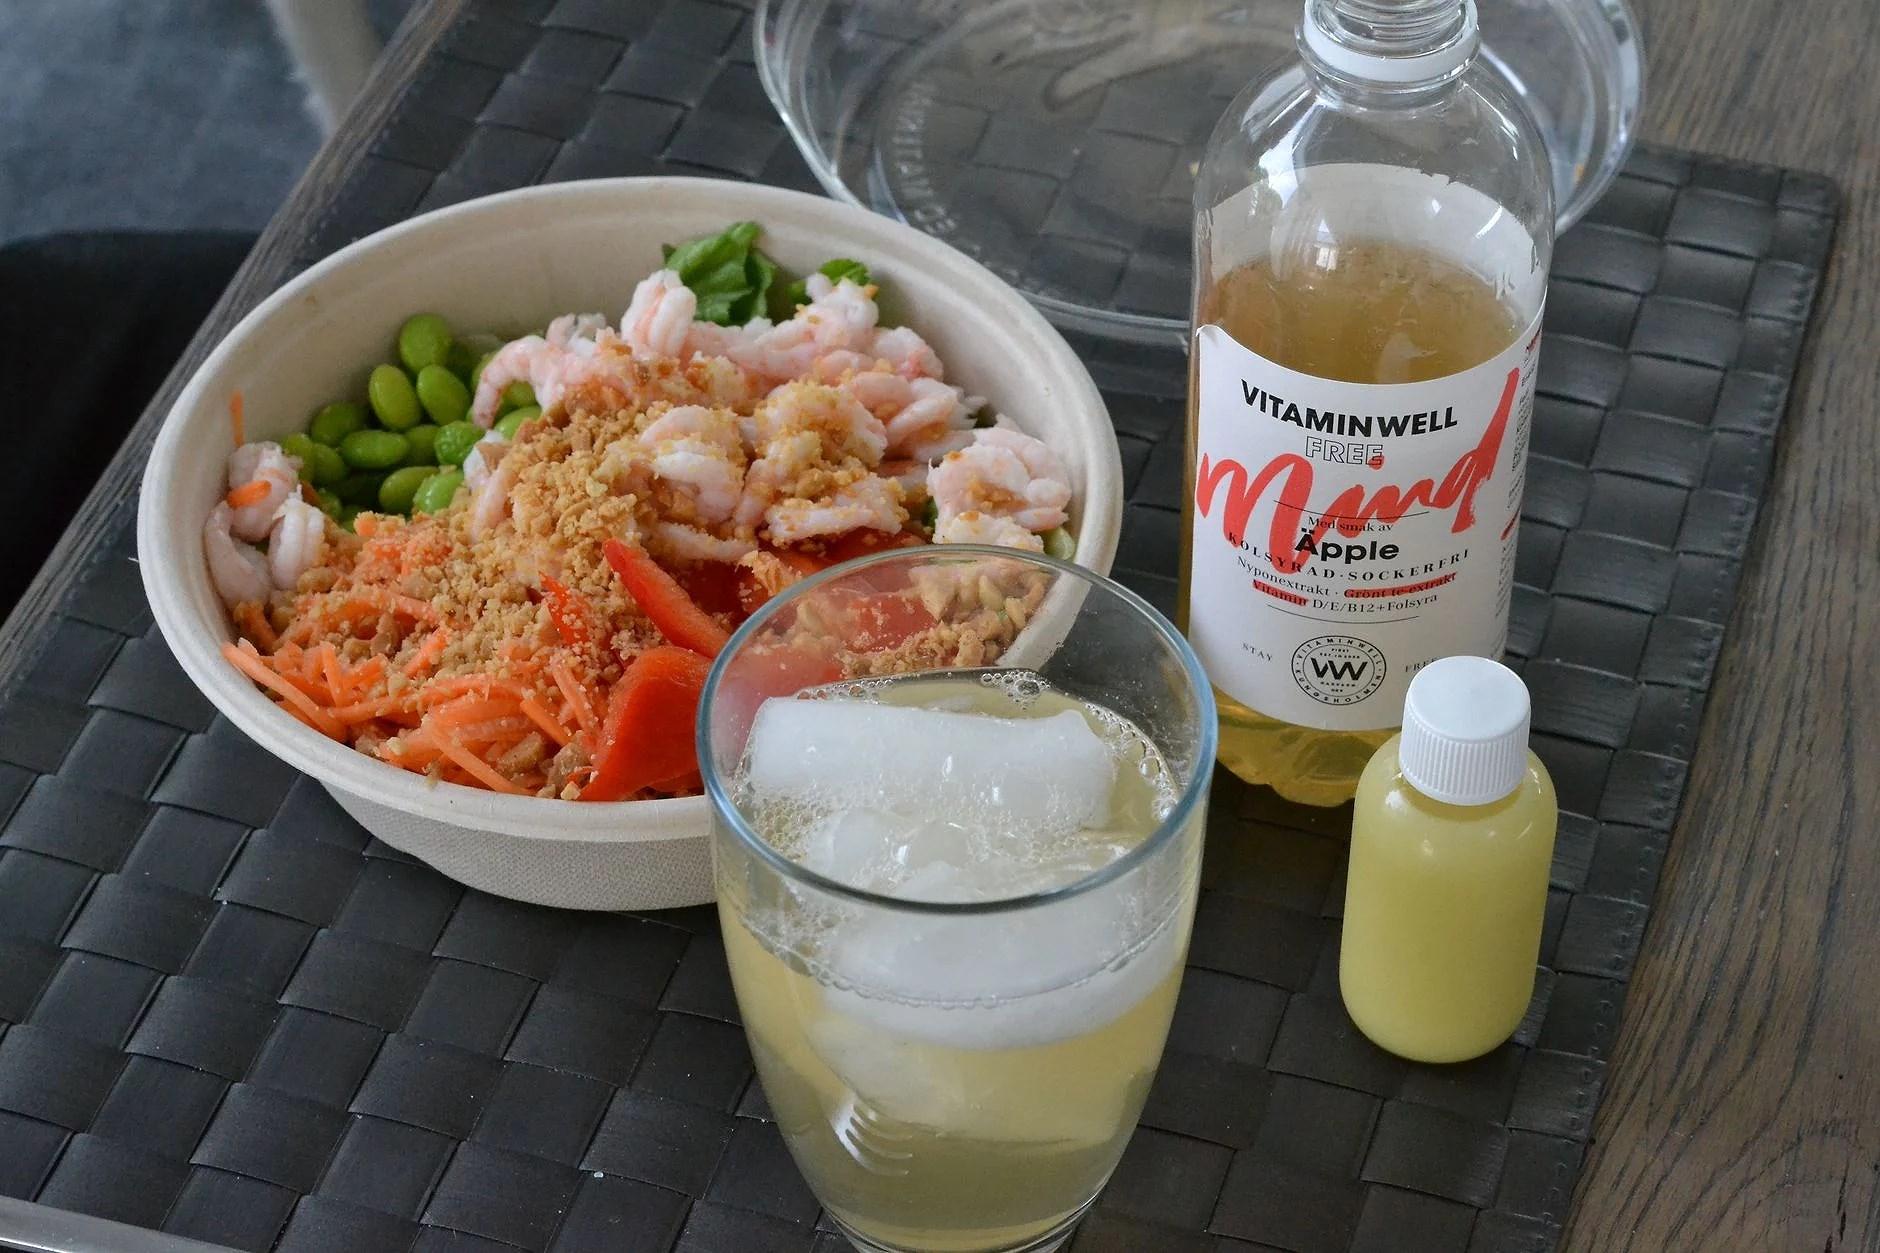 Nyttig eller hälsosam?